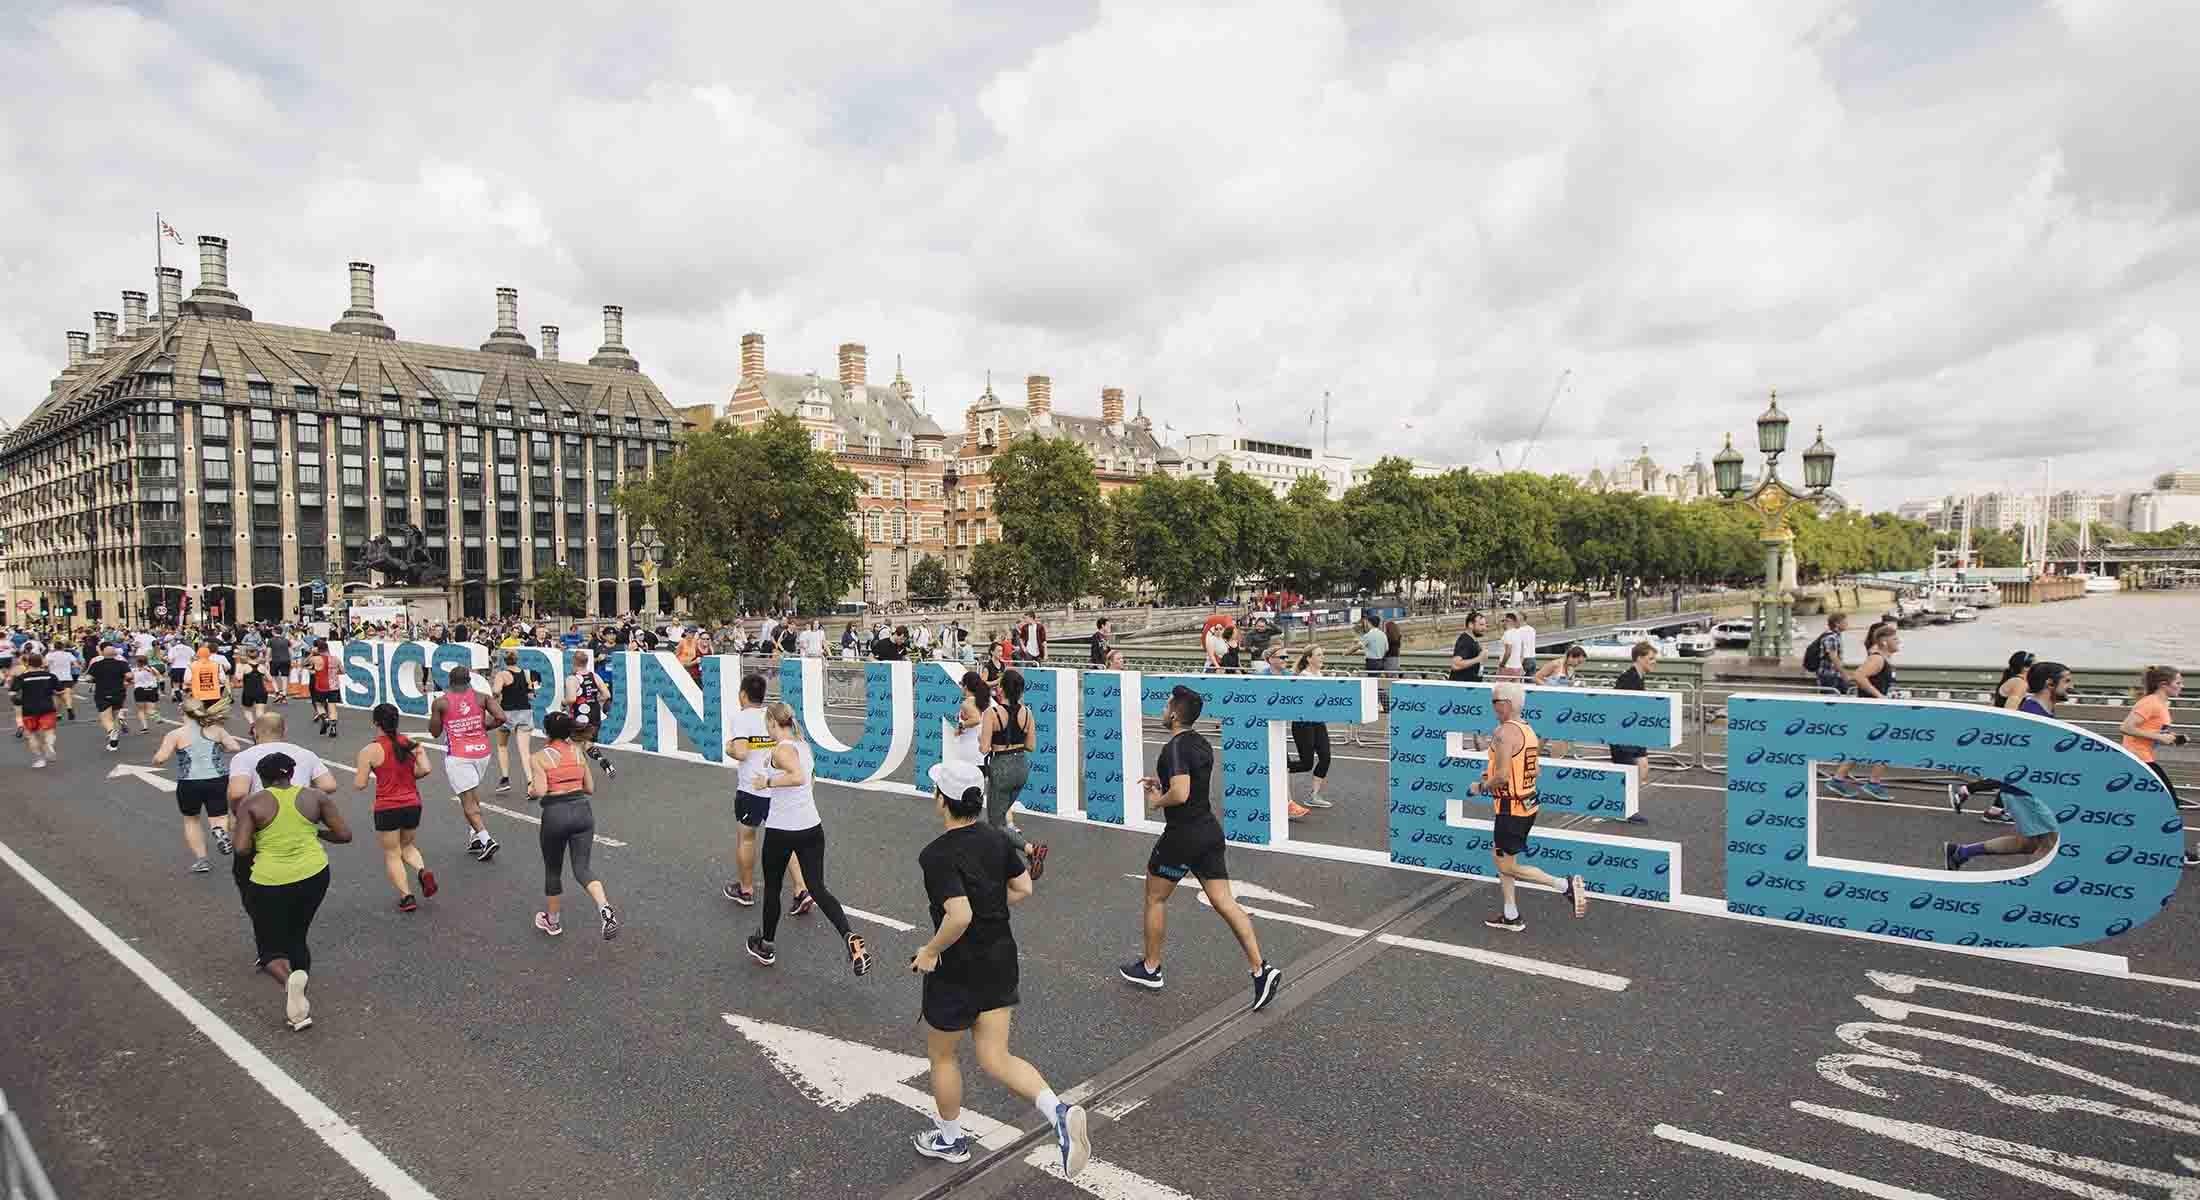 ASICS London 10k Westminster Bridge